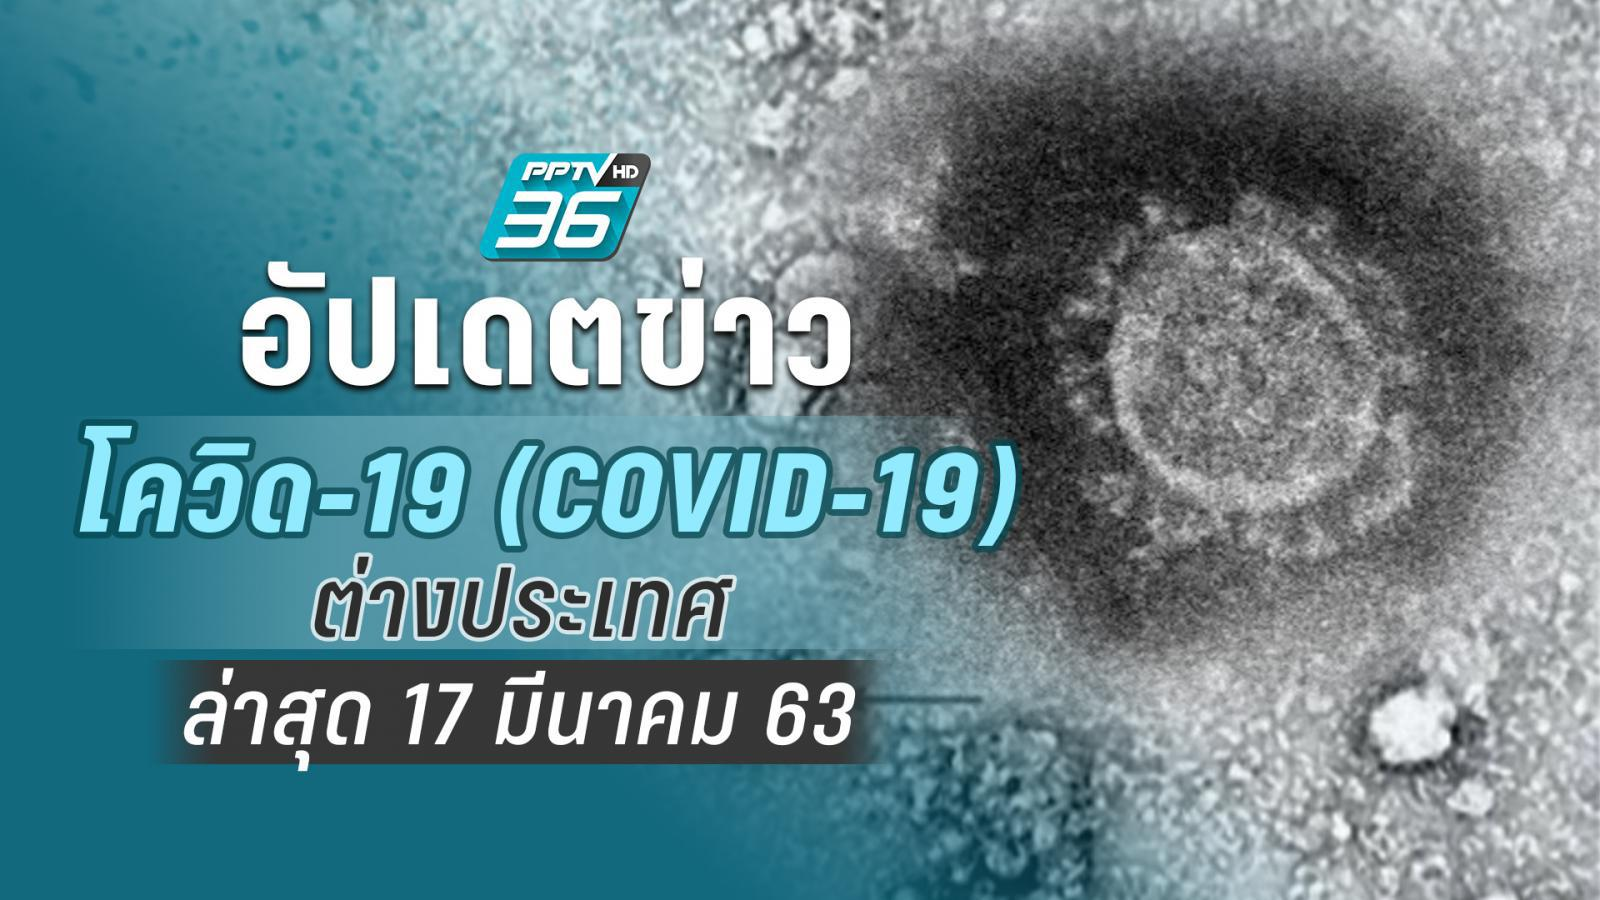 อัปเดตข่าวโควิด-19 (COVID-19) ที่เกิดขึ้น จากทั่วโลก ล่าสุด 17 มี.ค. 63